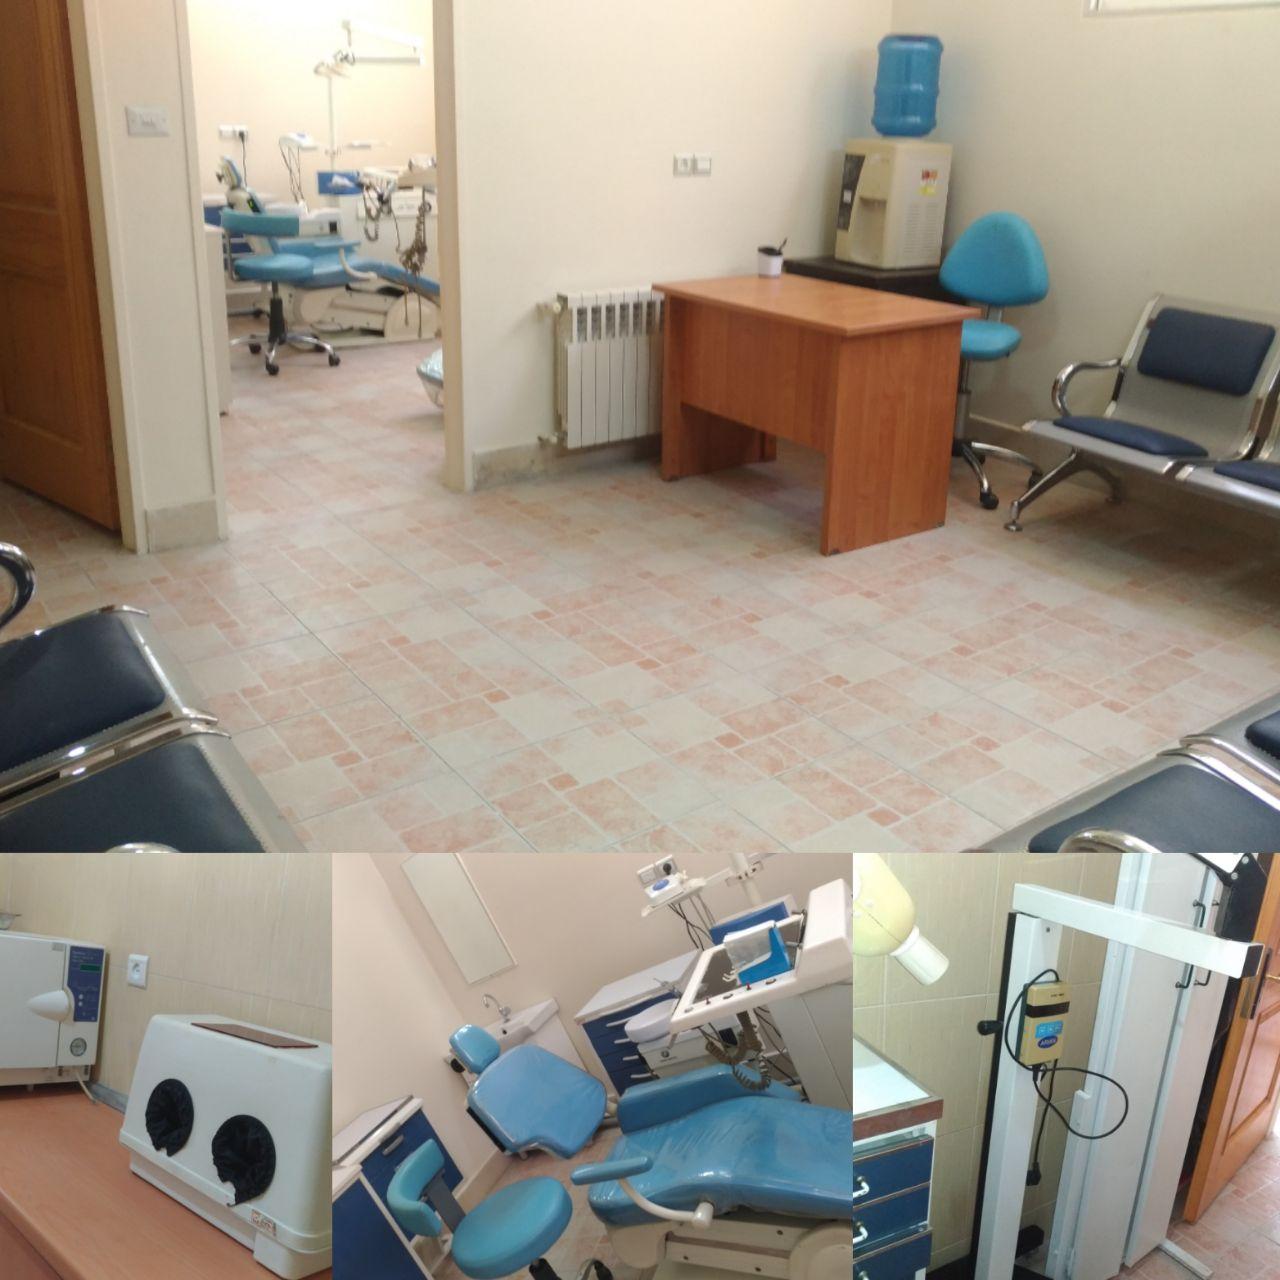 اصفهان: رباط، رهن و اجاره مطب دندانپزشکی